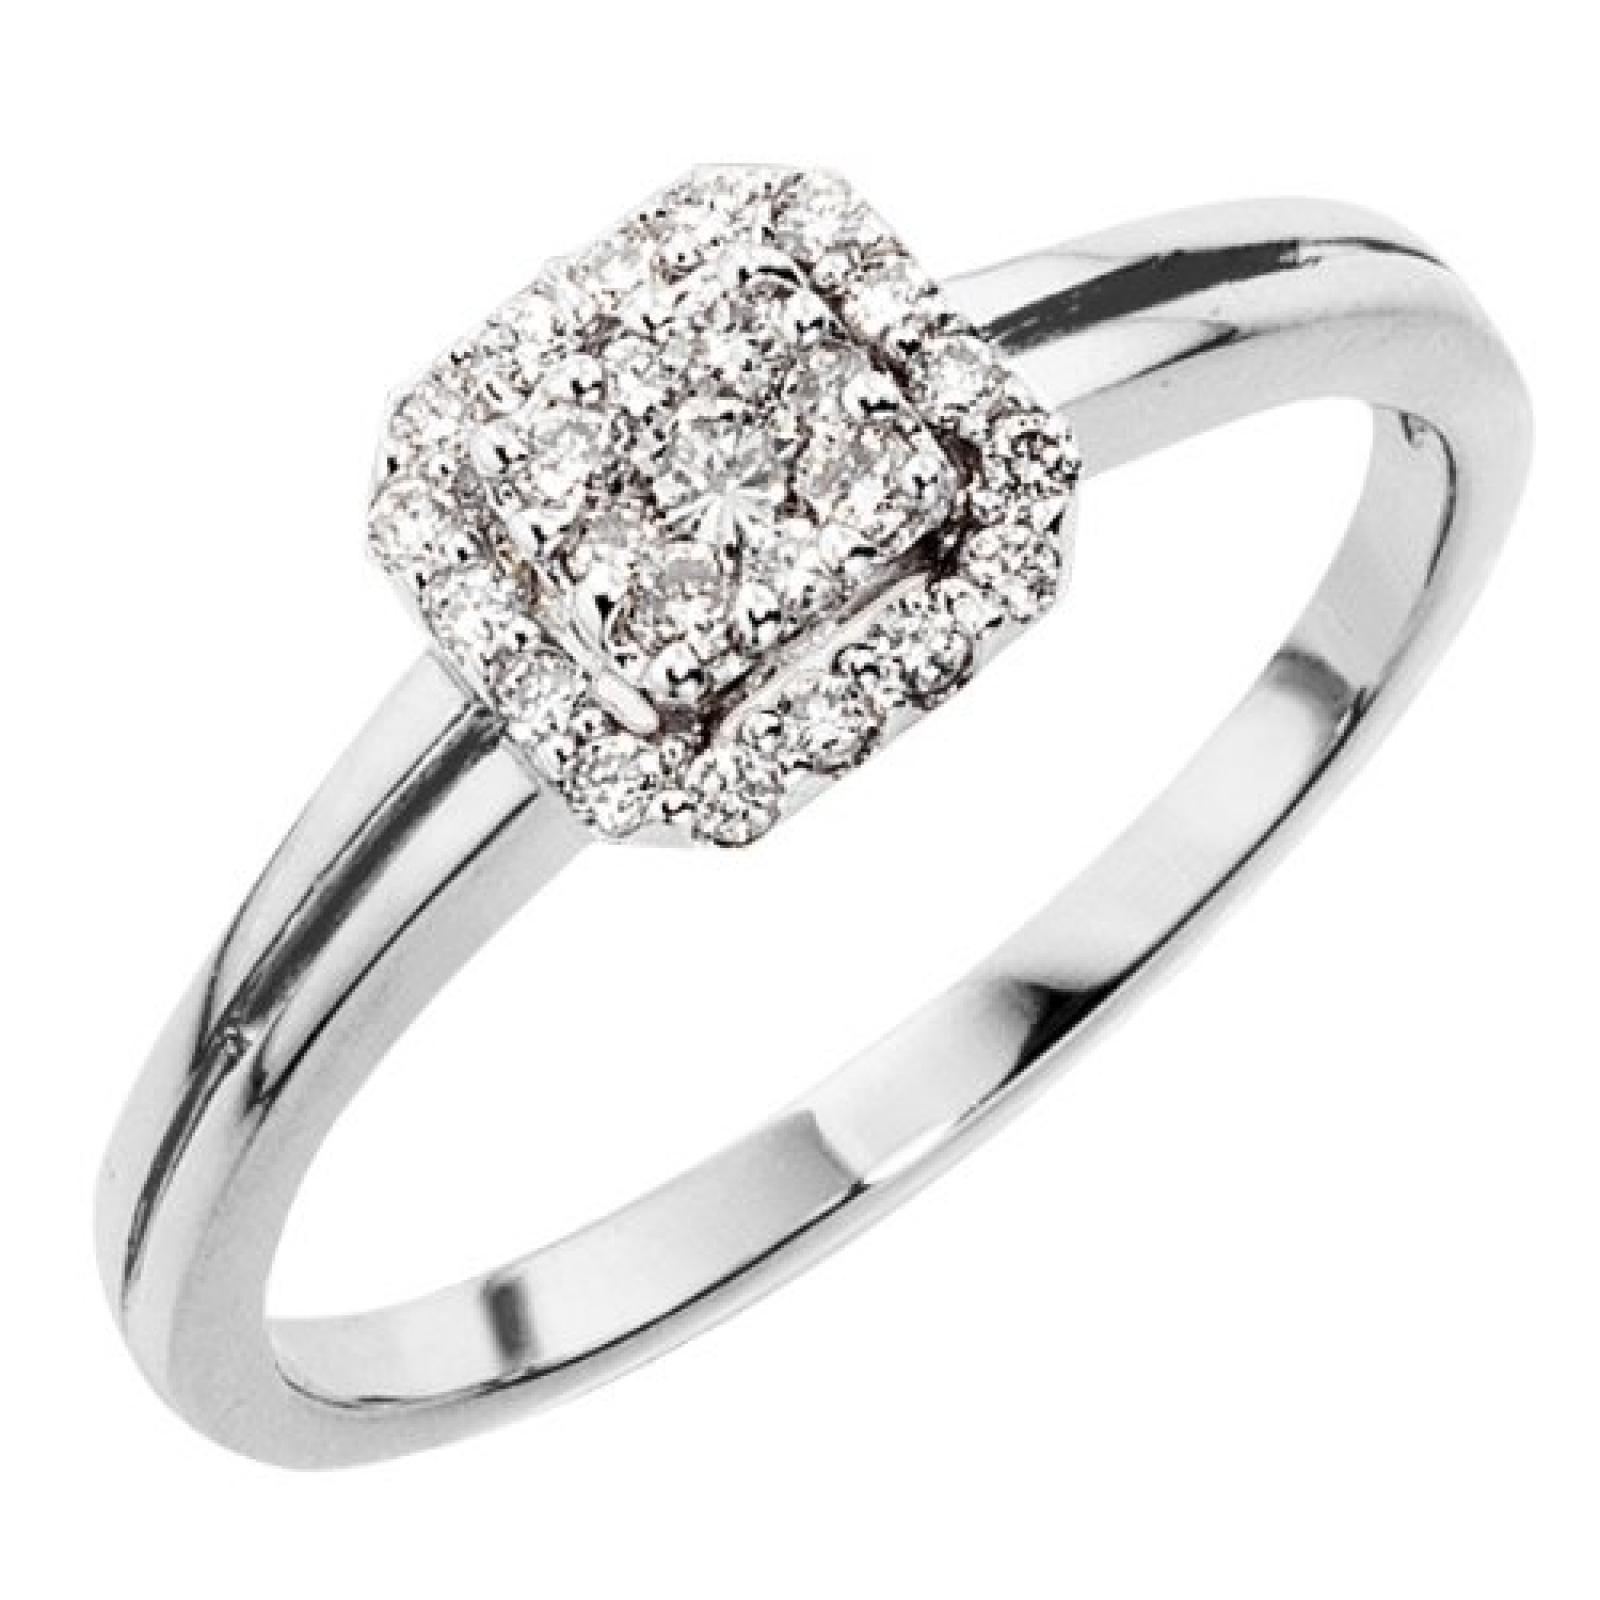 Goldmaid Damen-Ring 18 Karat 750 Weißgold Glamourfassung 25 Brillanten 0,25 ct. Pa R3630WG750